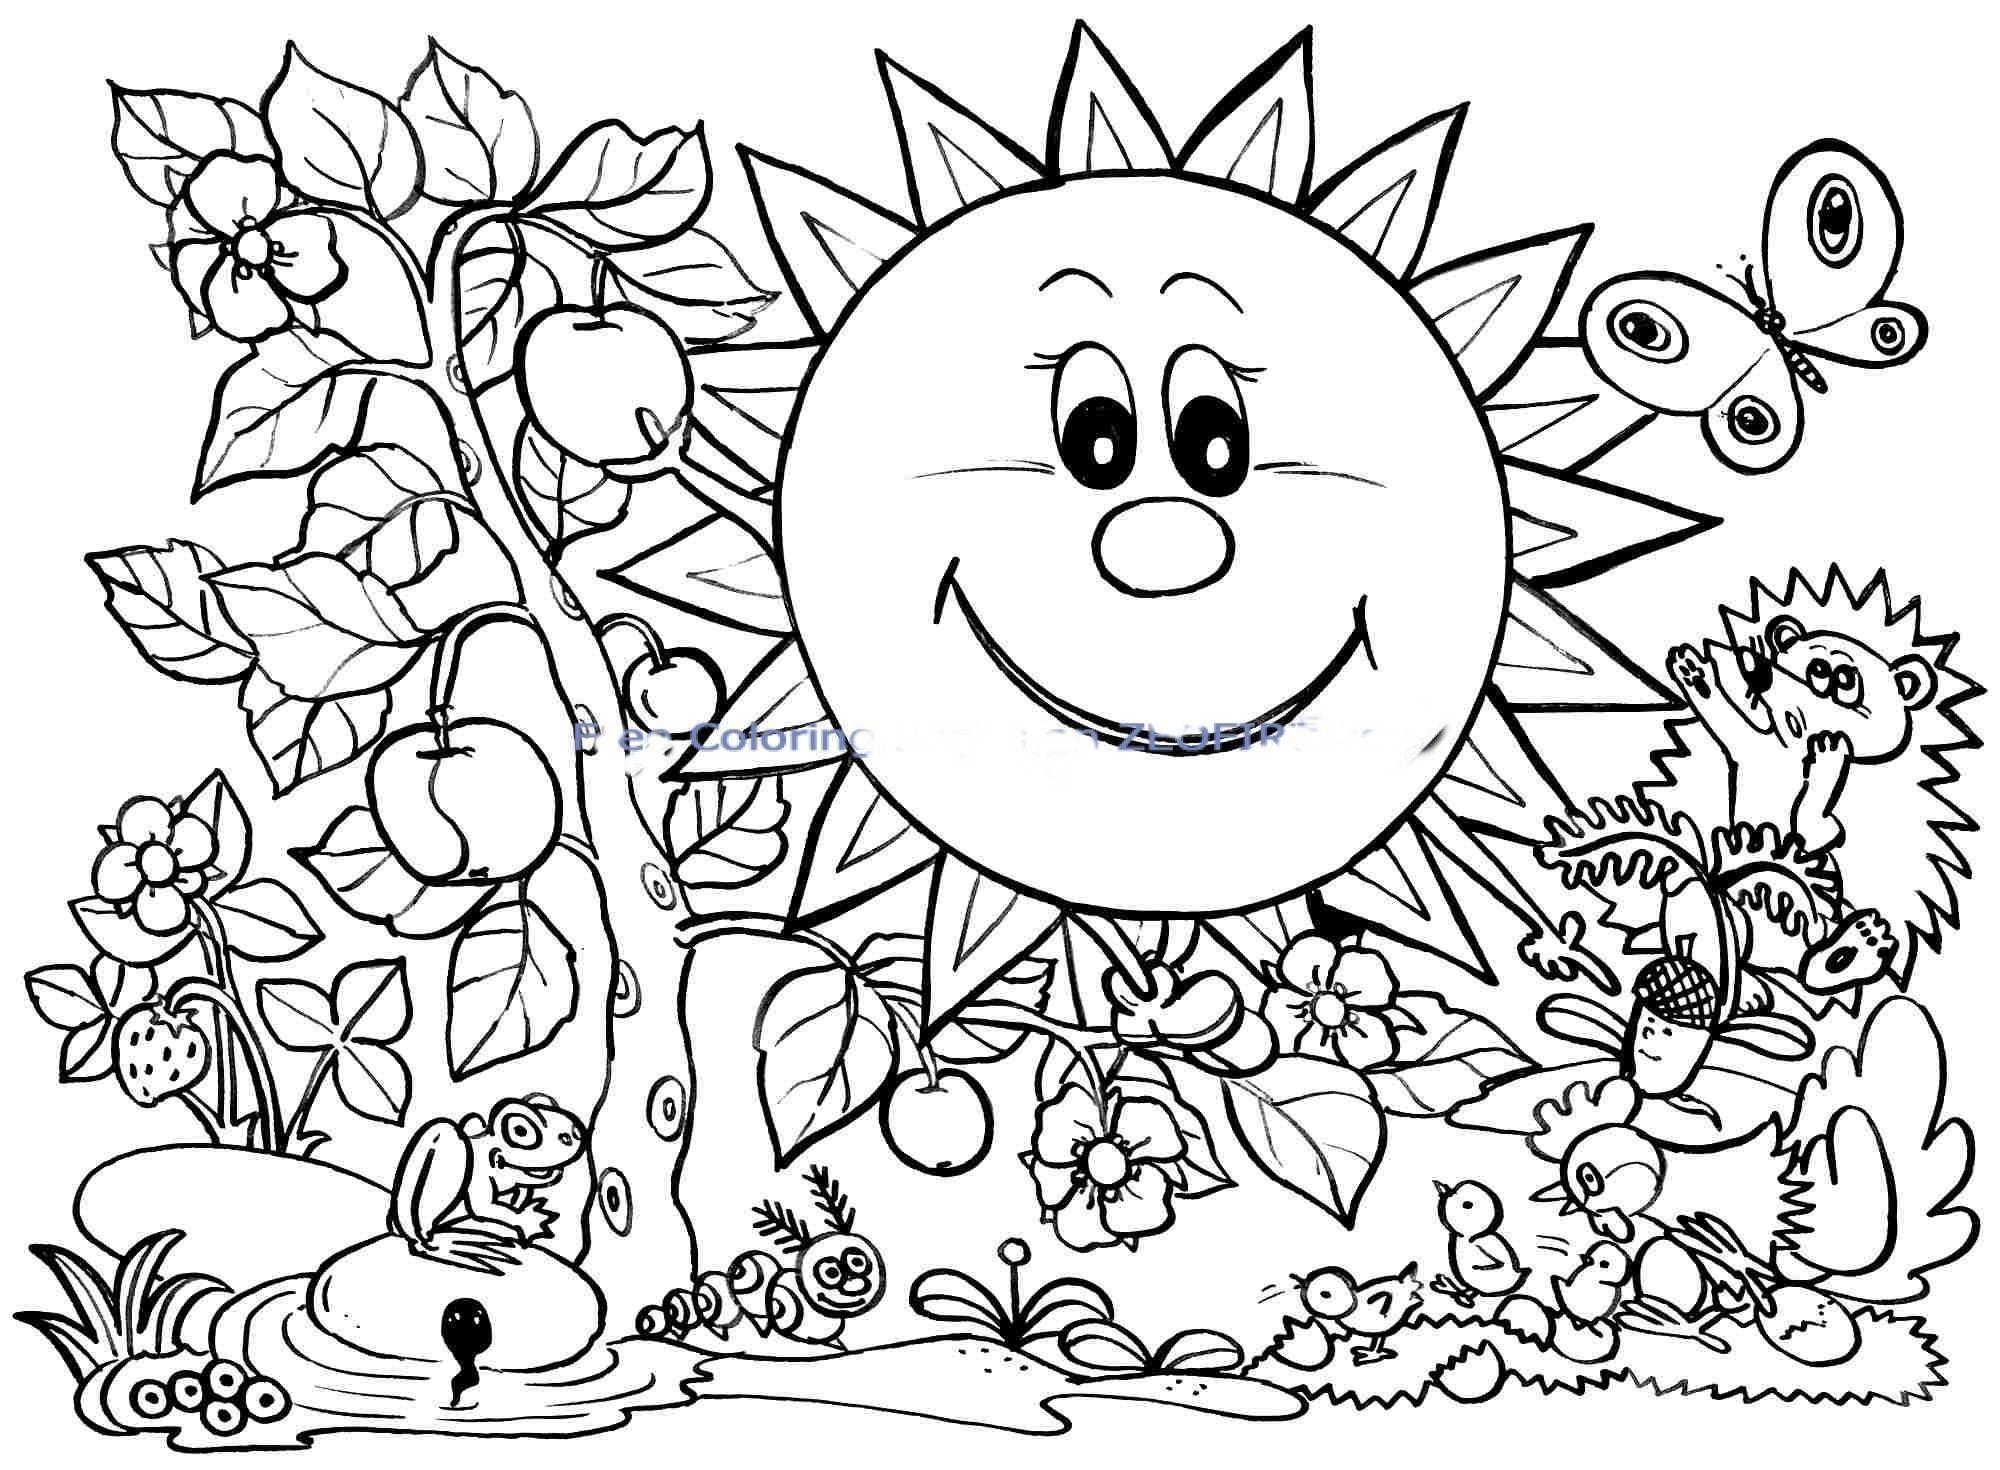 spring break coloring pages spring break coloring page wecoloringpagecom spring coloring break pages